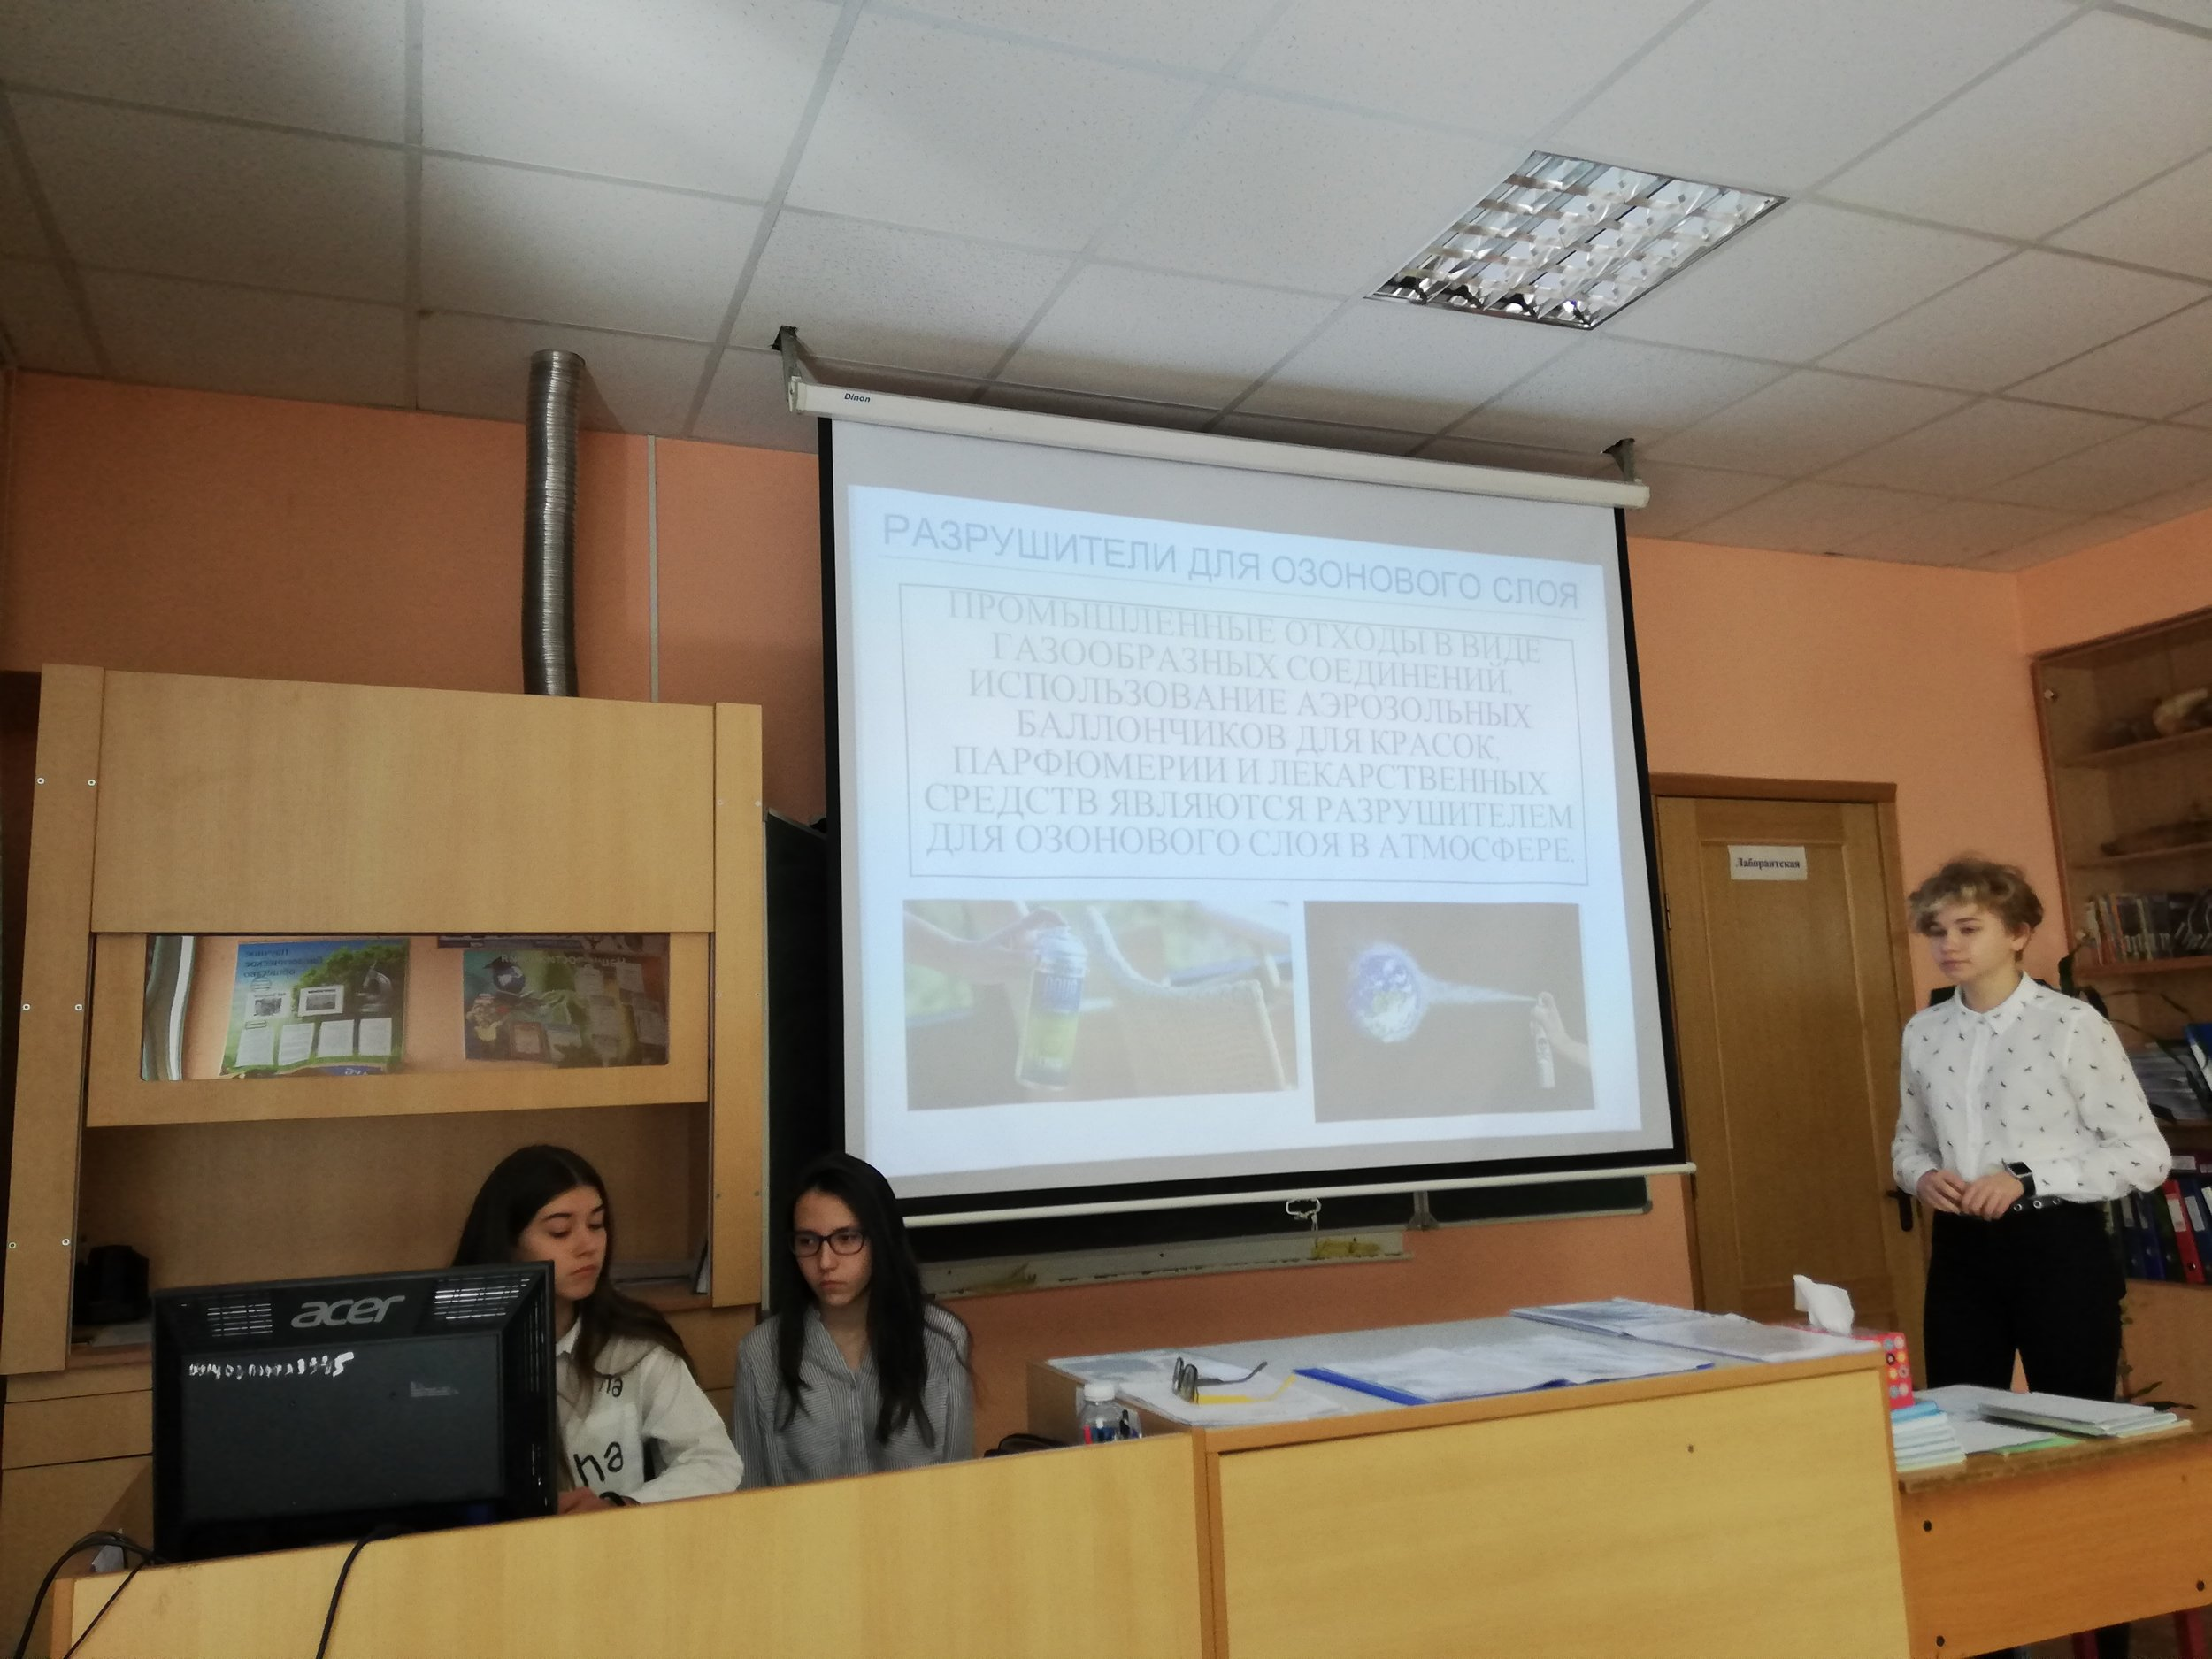 Bereginya - Human impact on Environment.jpg